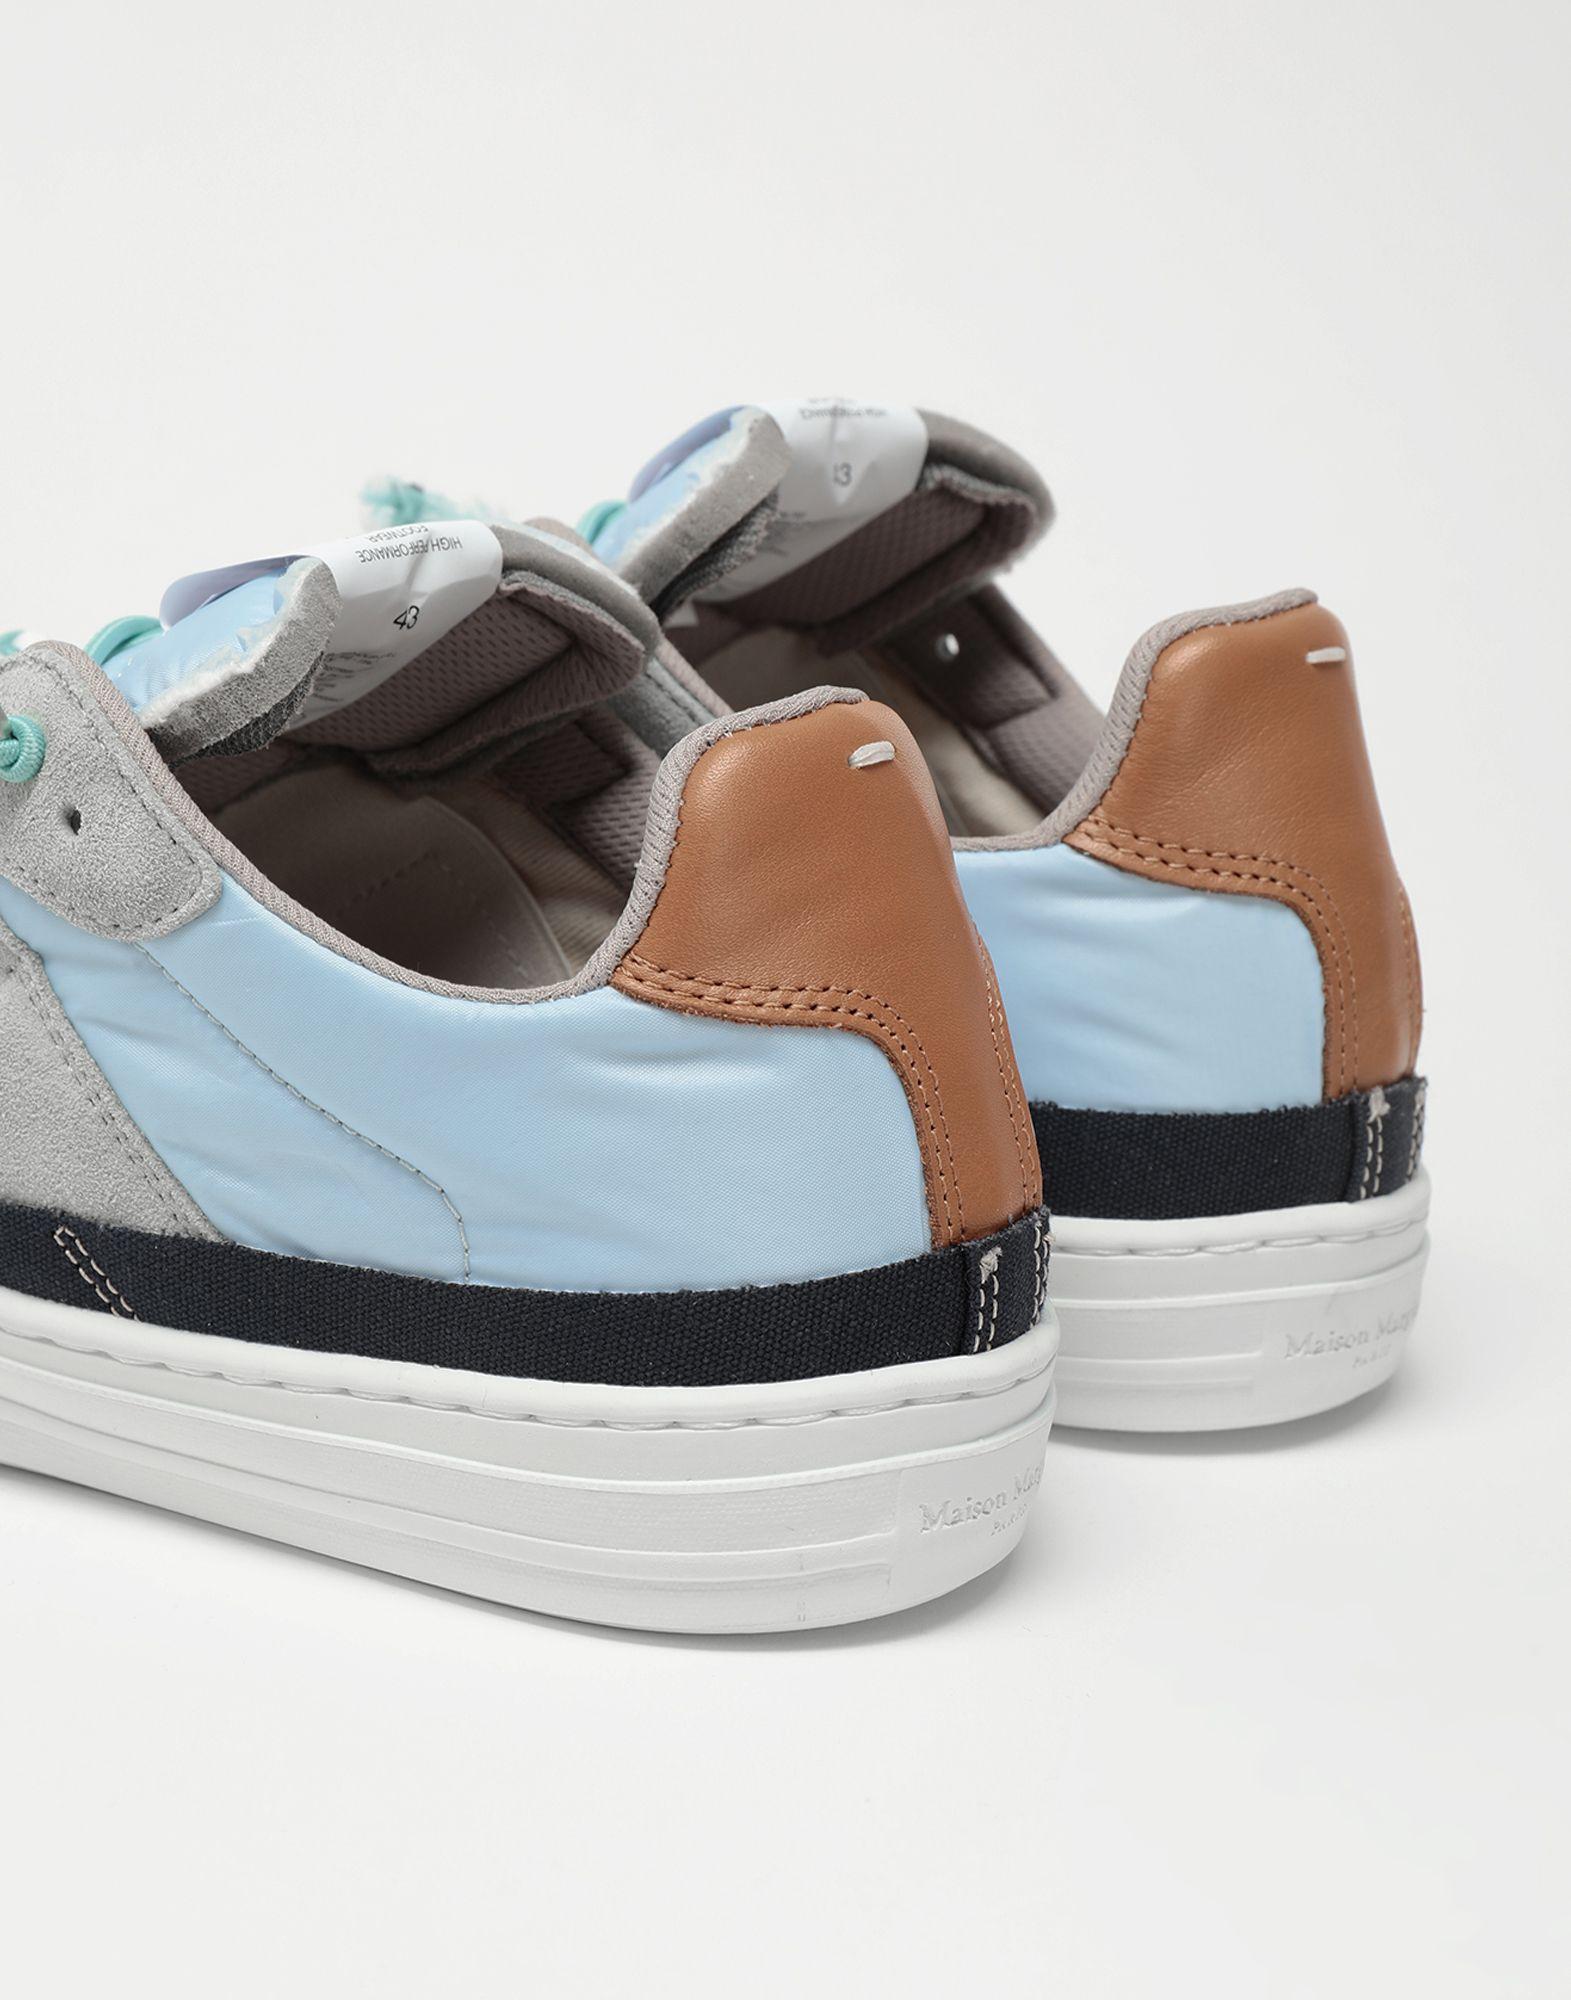 MAISON MARGIELA Spliced low top sneakers Sneakers Man e